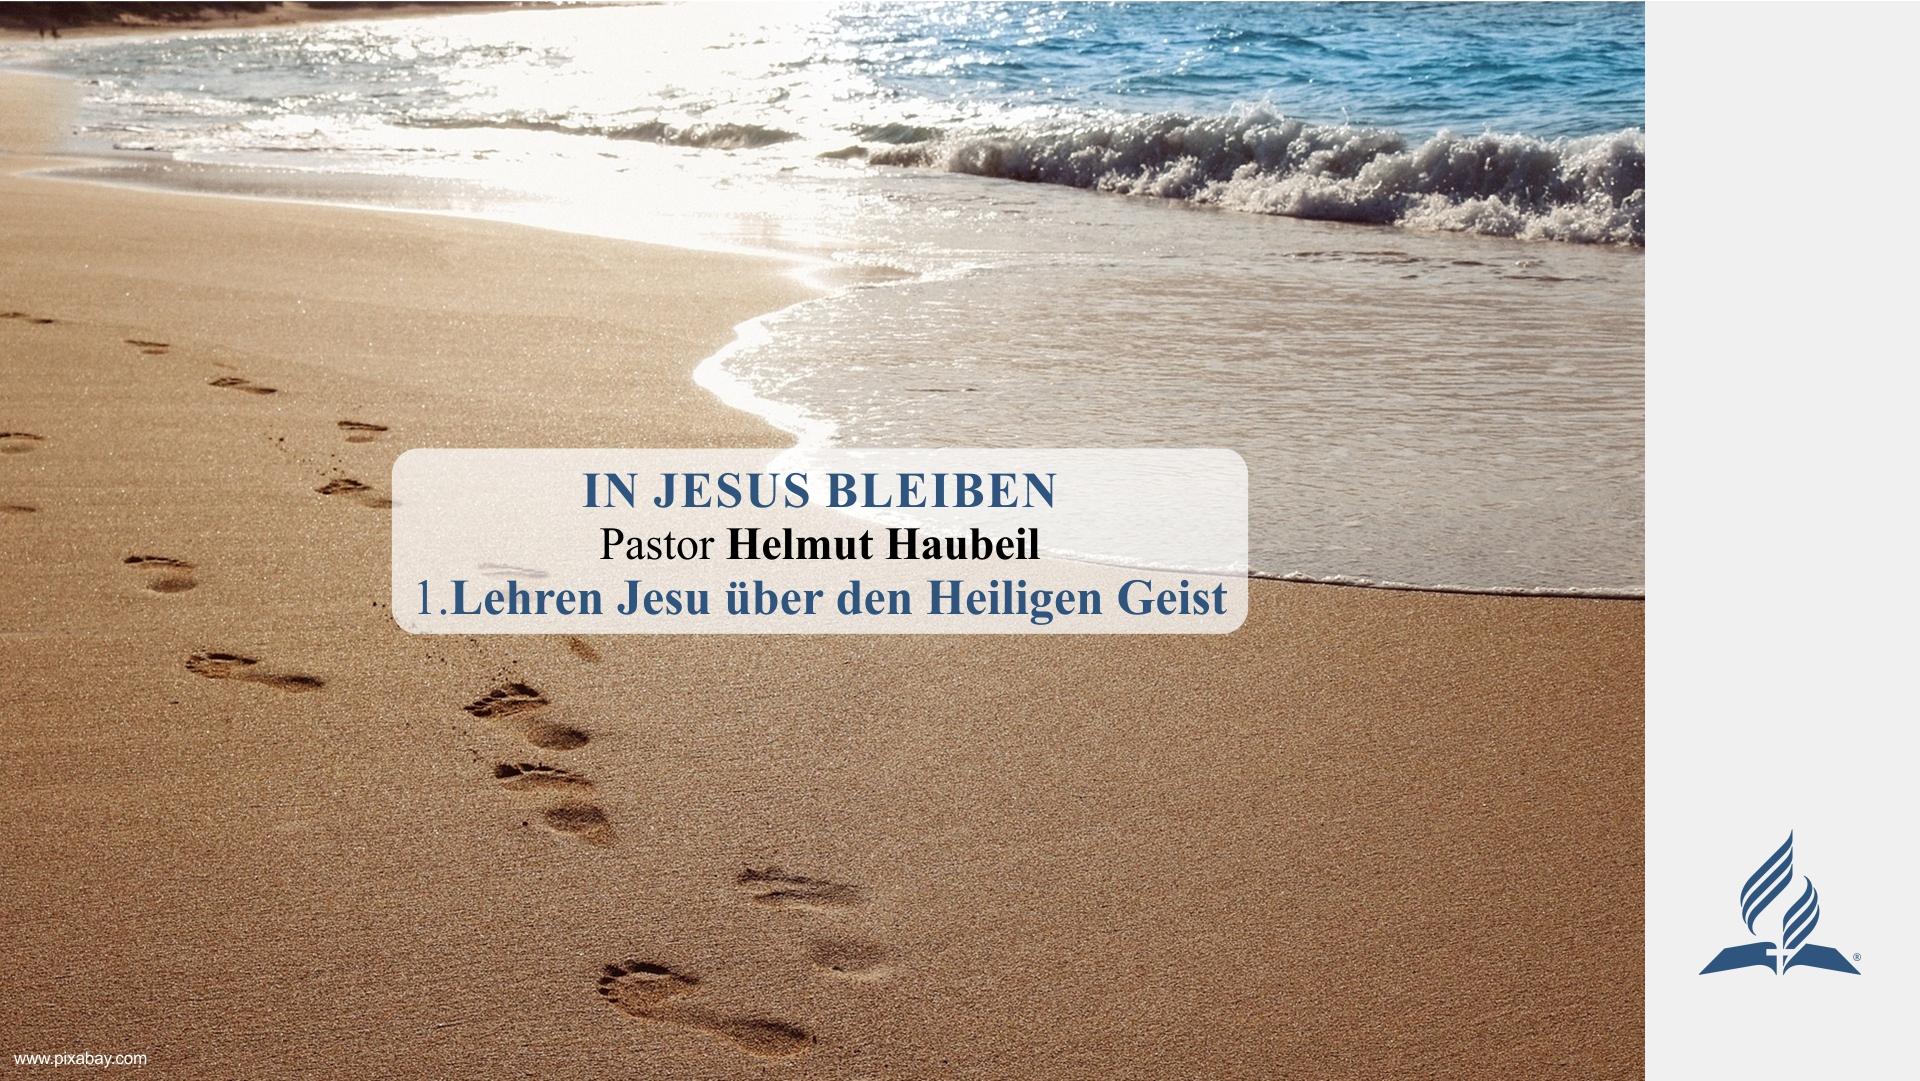 1.Lehren Jesu über den Heiligen Geist – IN JESUS BLEIBEN | Pastor Helmut Haubeil